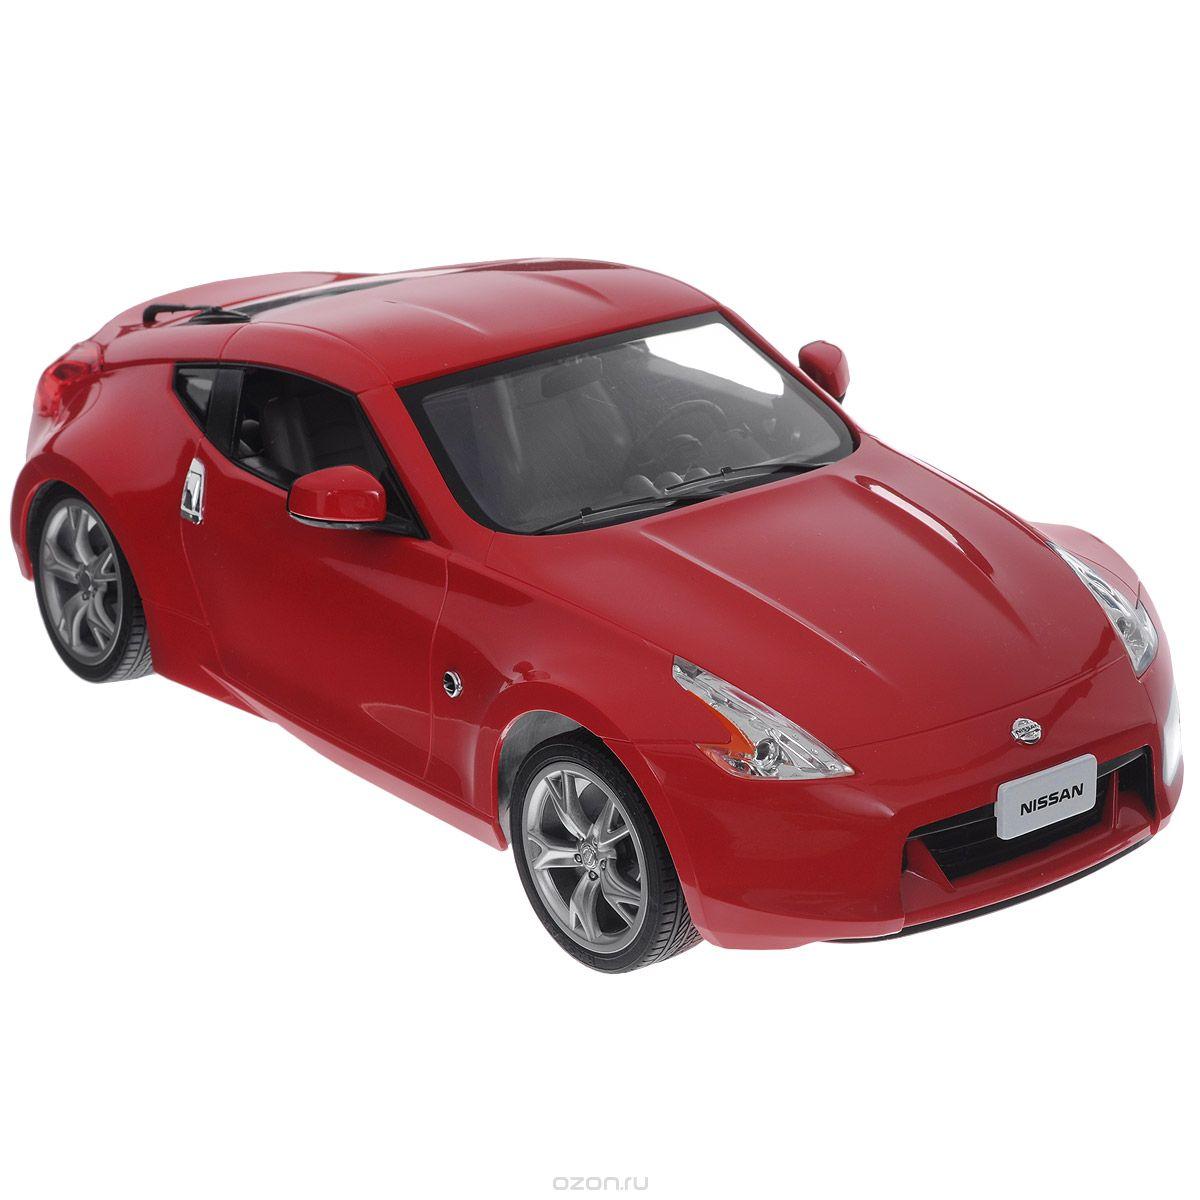 """Радиоуправляемая модель """"Nissan 370Z"""" привлечет внимание не только ребенка, но и взрослого и станет отличным подарком любителю всего оригинального и необычного. Машинка является точной уменьшенной копией автомобиля. Машинка изготовлена из прочных материалов, шины выполнены из мягкой резины. Фары машины светятся. Машинка может перемещаться вперед, дает задний ход, поворачивает влево и вправо, останавливается. Ваш ребенок часами будет играть с моделью, придумывая различные истории и устраивая соревнования. Порадуйте его таким замечательным подарком! Машина работает от 5 батареек """"AA"""", пульт дистанционного управления работает от батареи """"9V"""" (не входят в комплект)."""